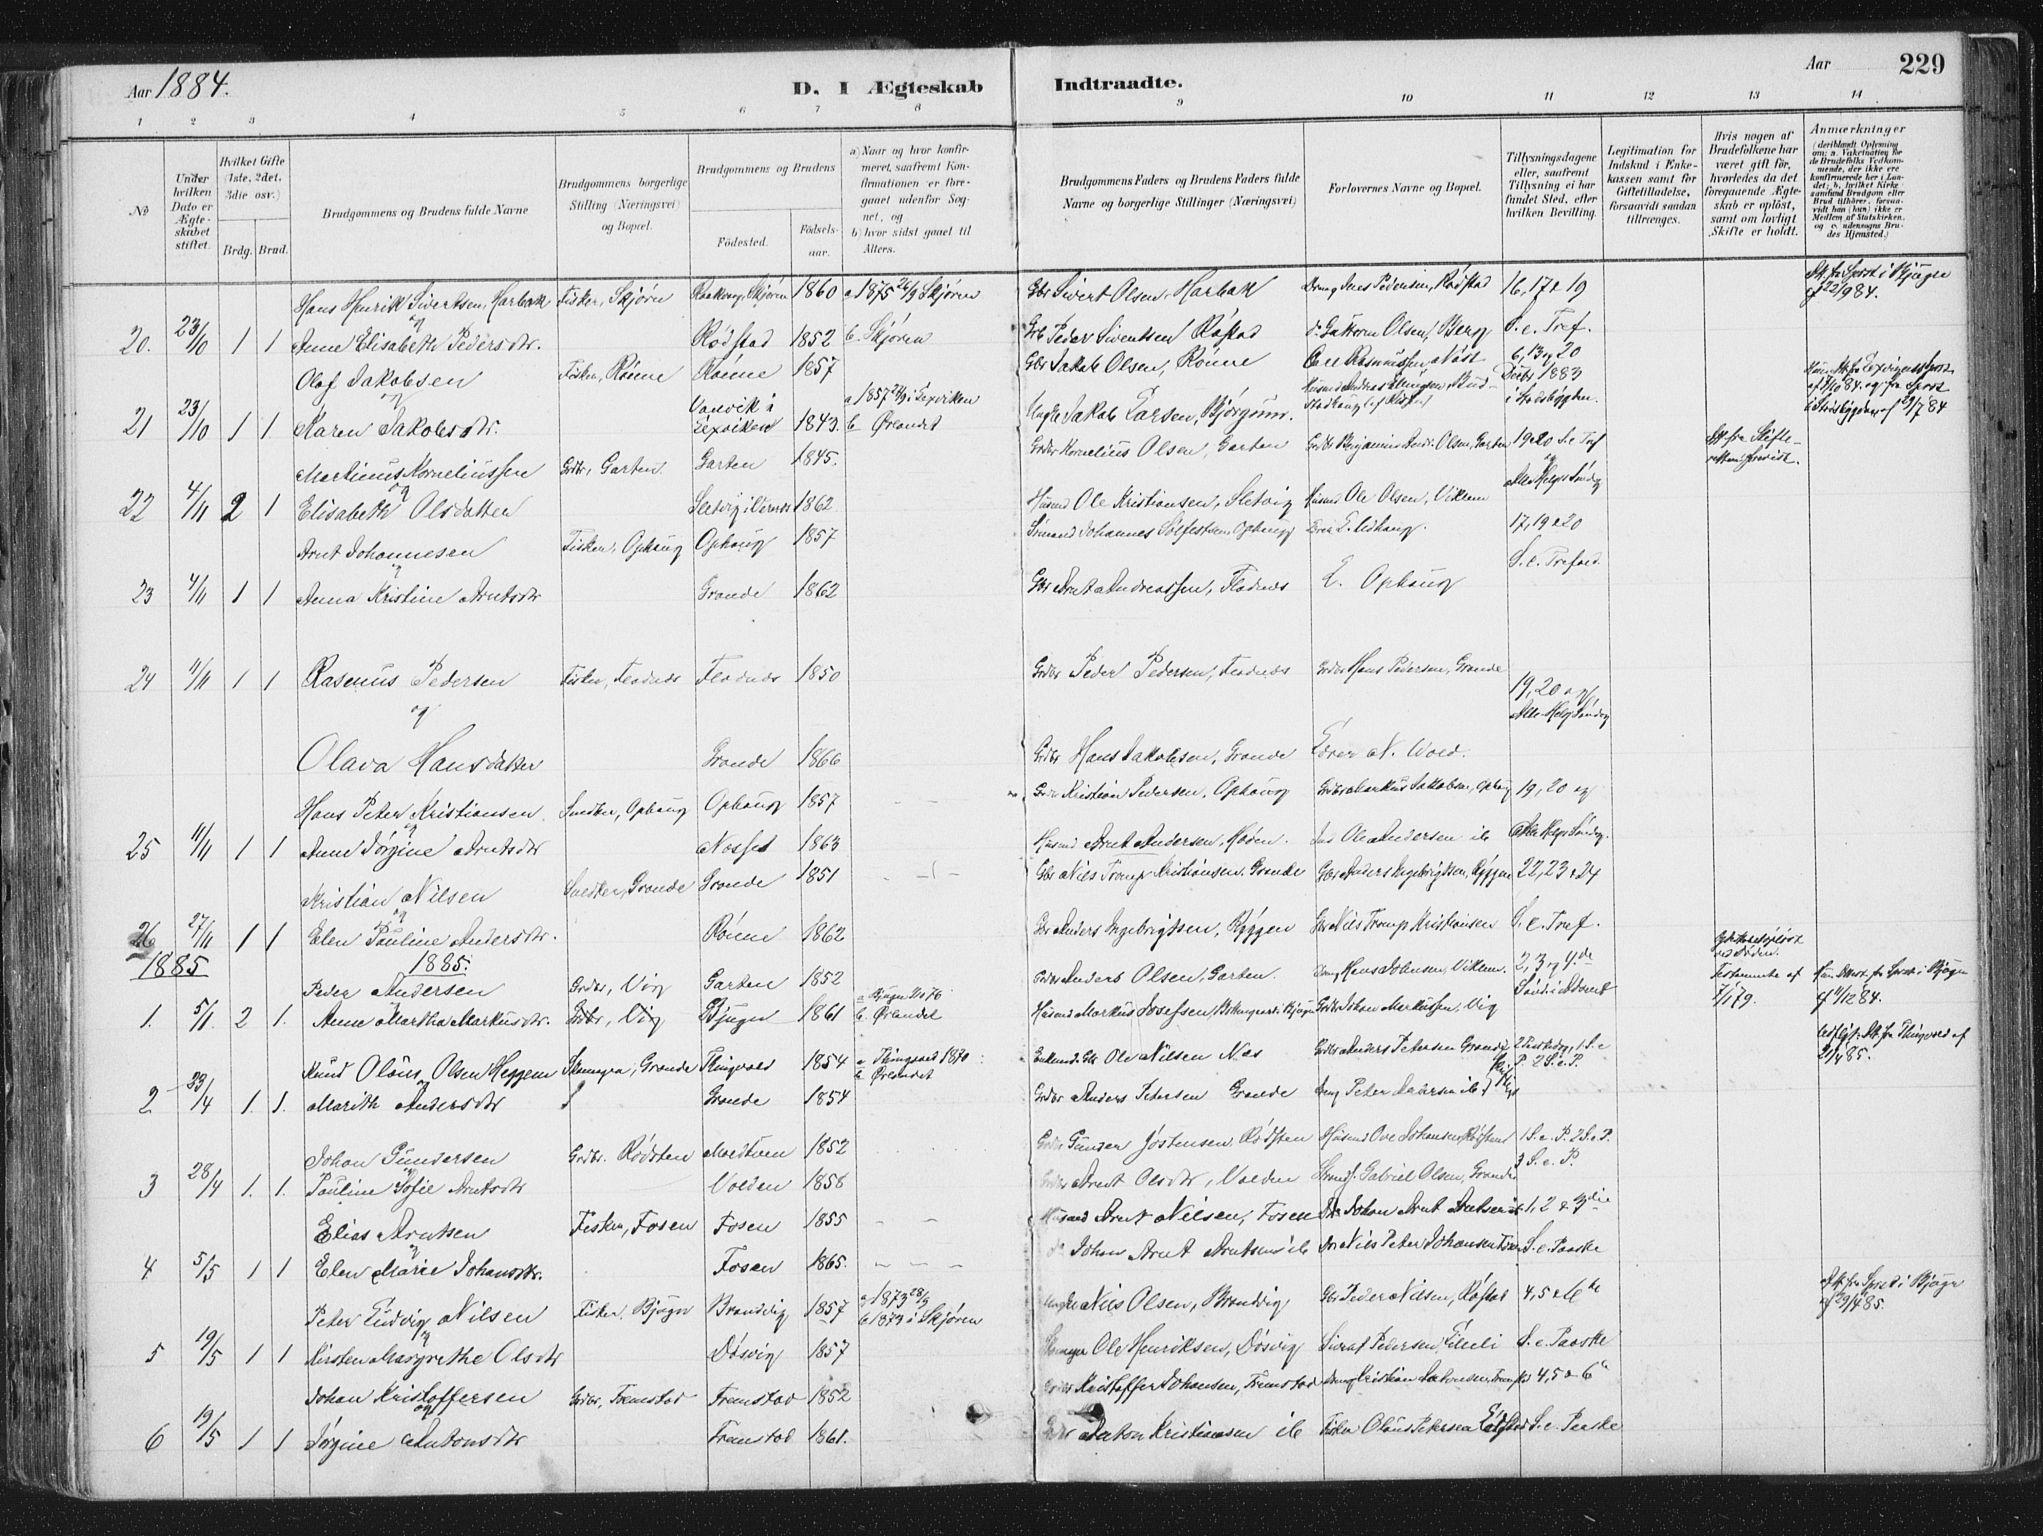 SAT, Ministerialprotokoller, klokkerbøker og fødselsregistre - Sør-Trøndelag, 659/L0739: Ministerialbok nr. 659A09, 1879-1893, s. 229